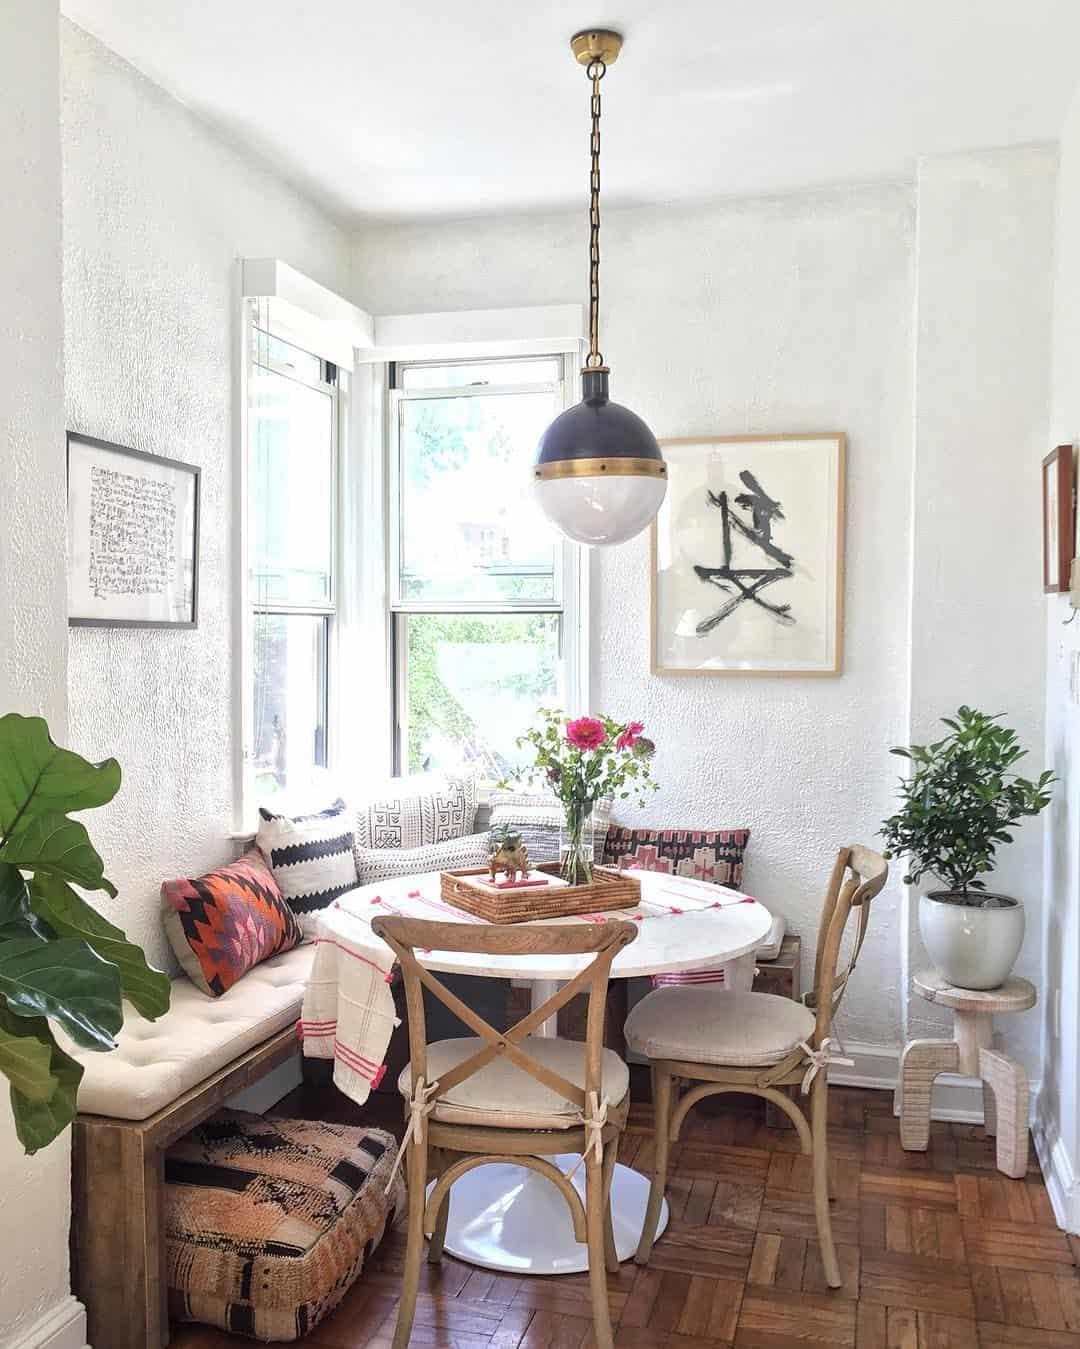 cozy rustic space